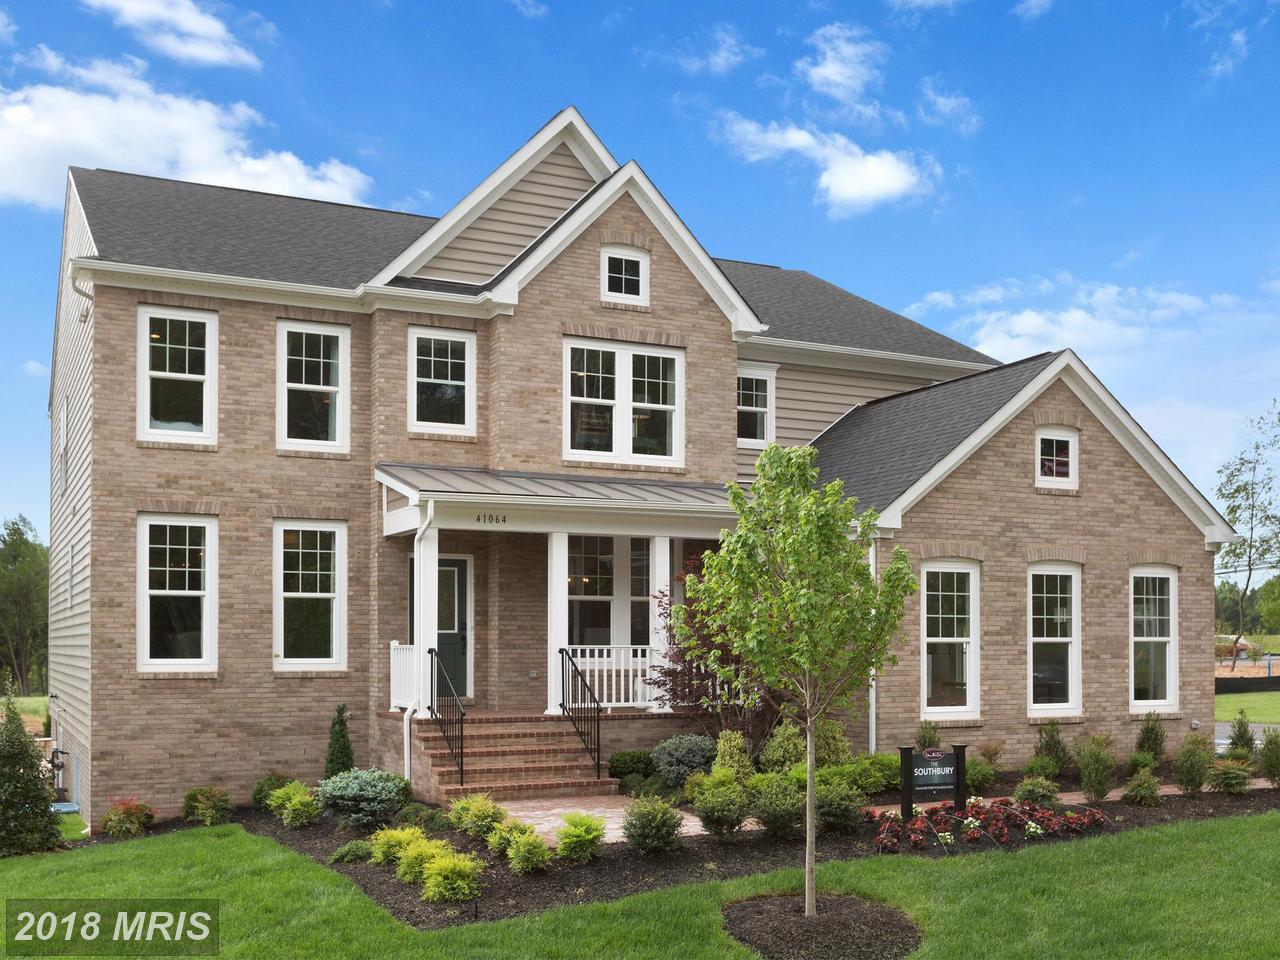 41064  Maplehurst,  Aldie, VA